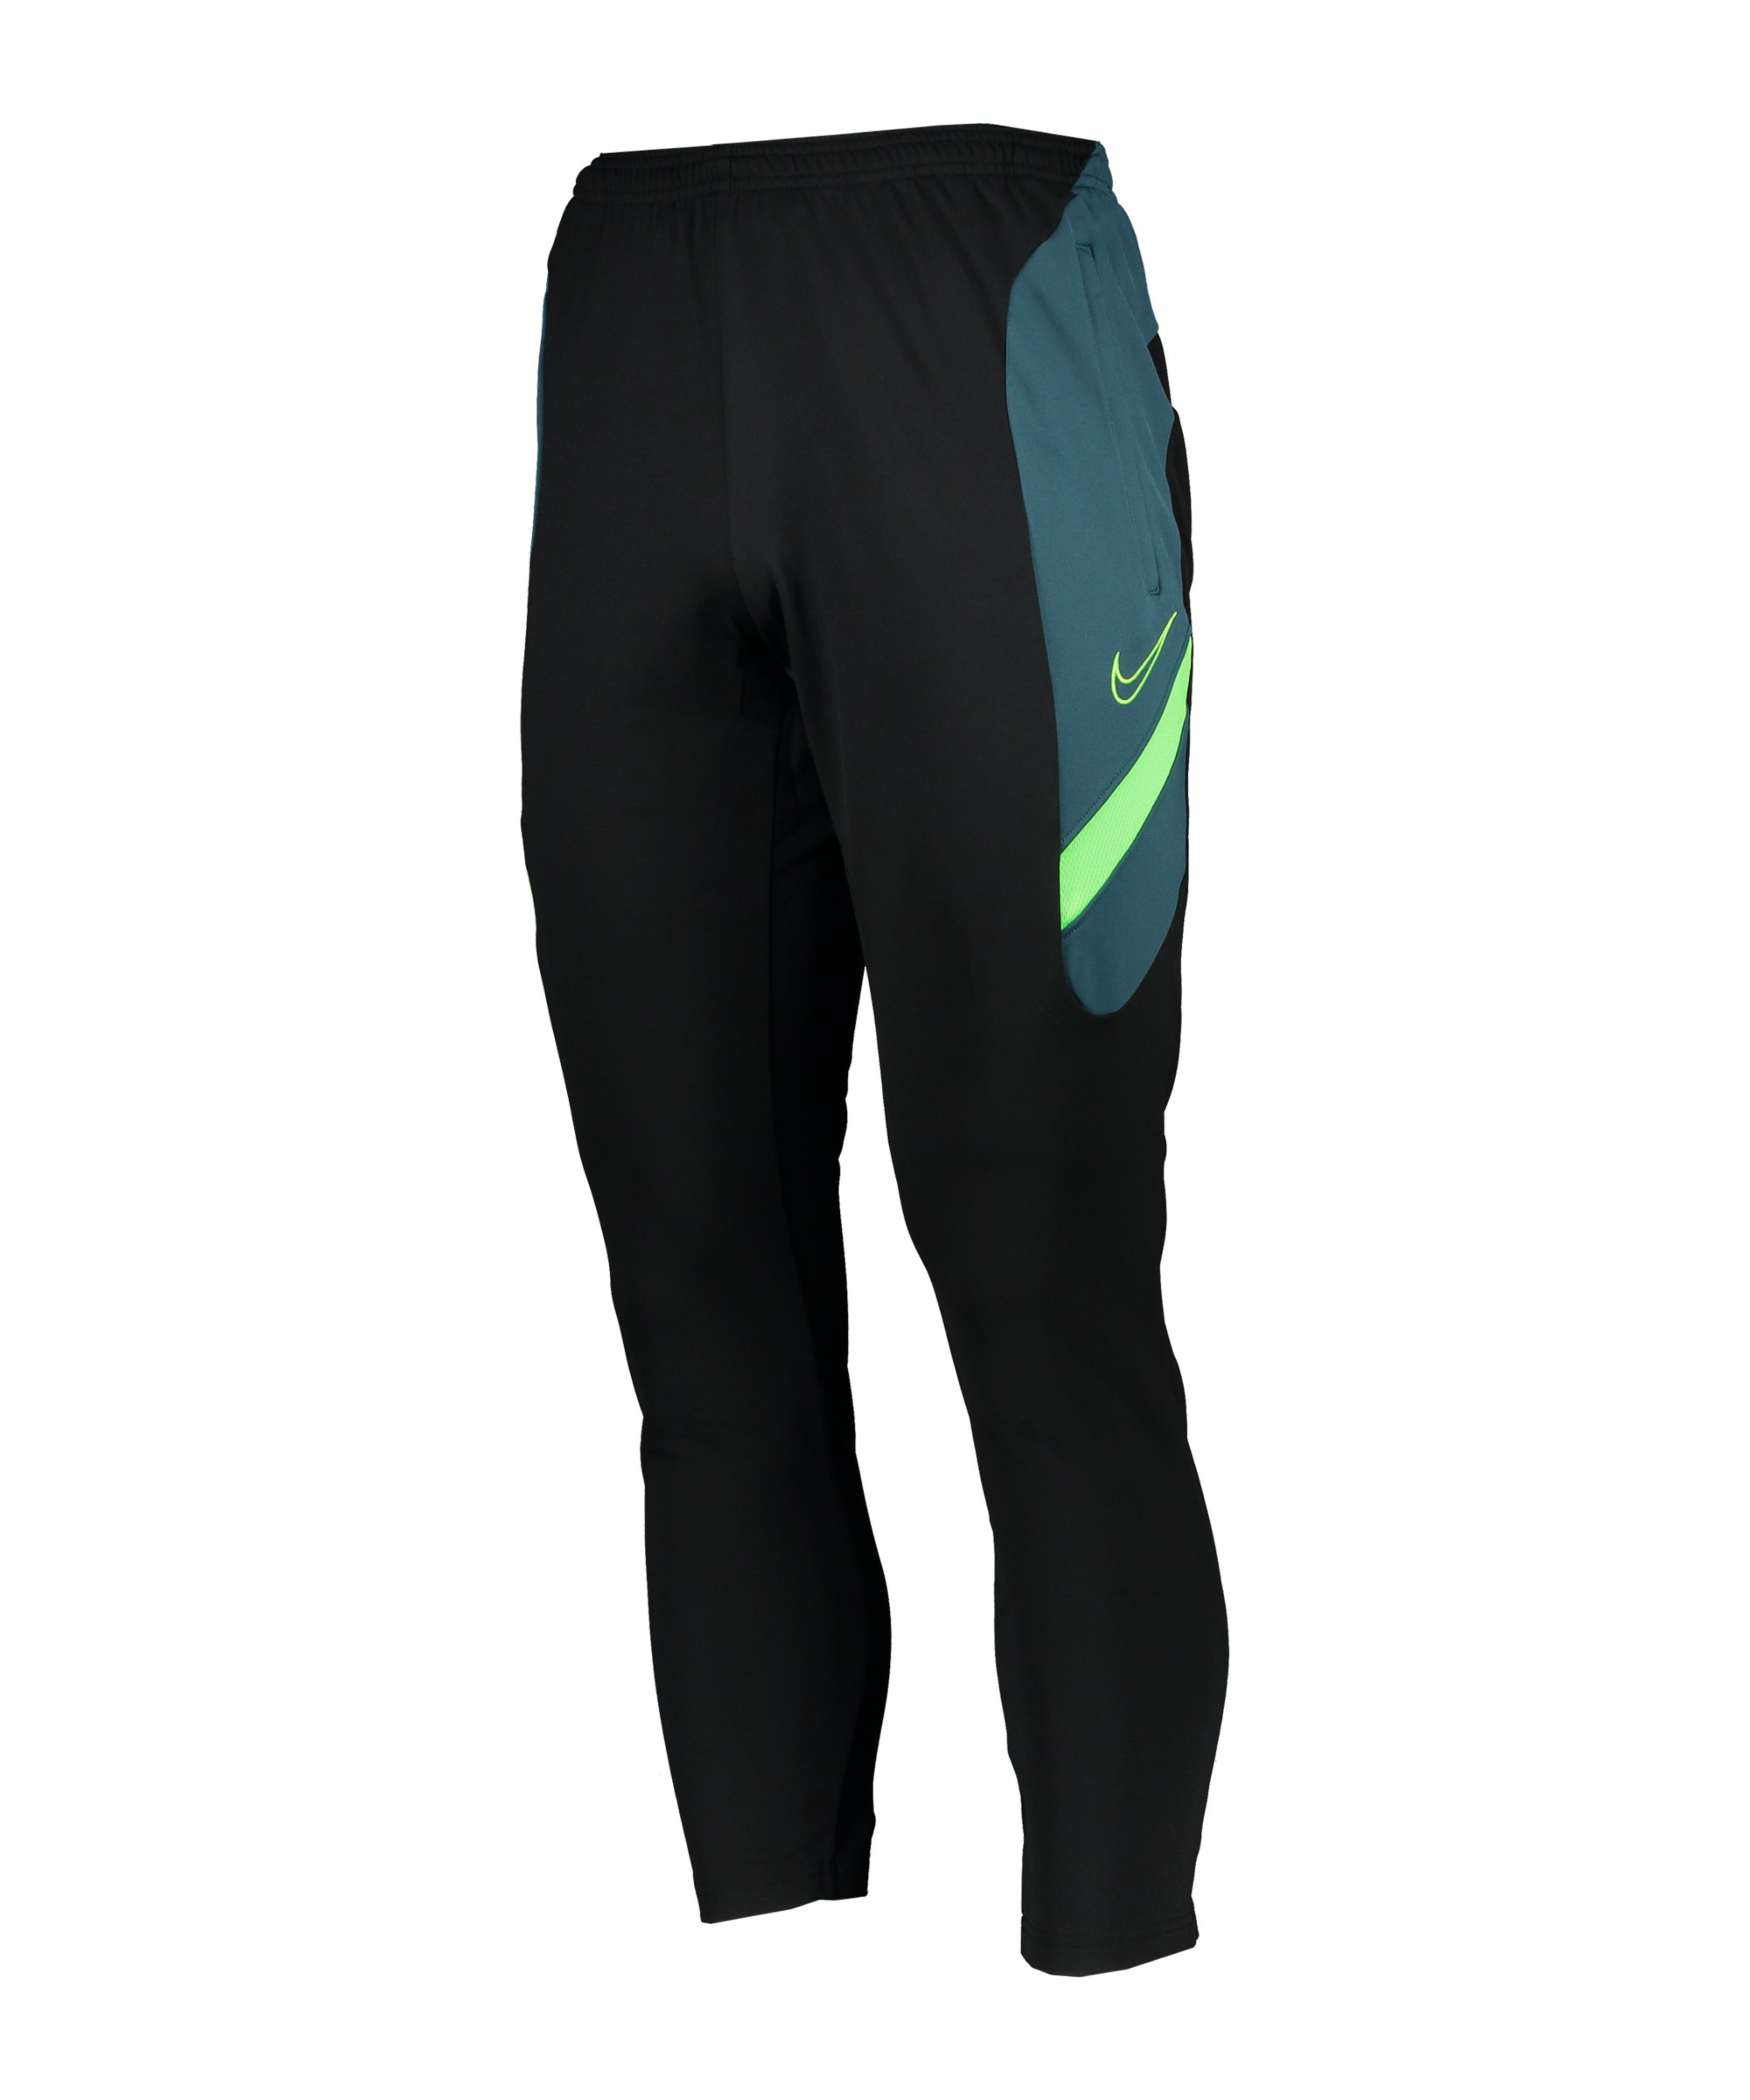 Nike Dry Academy Trainingshose Schwarz Grün F015 - schwarz